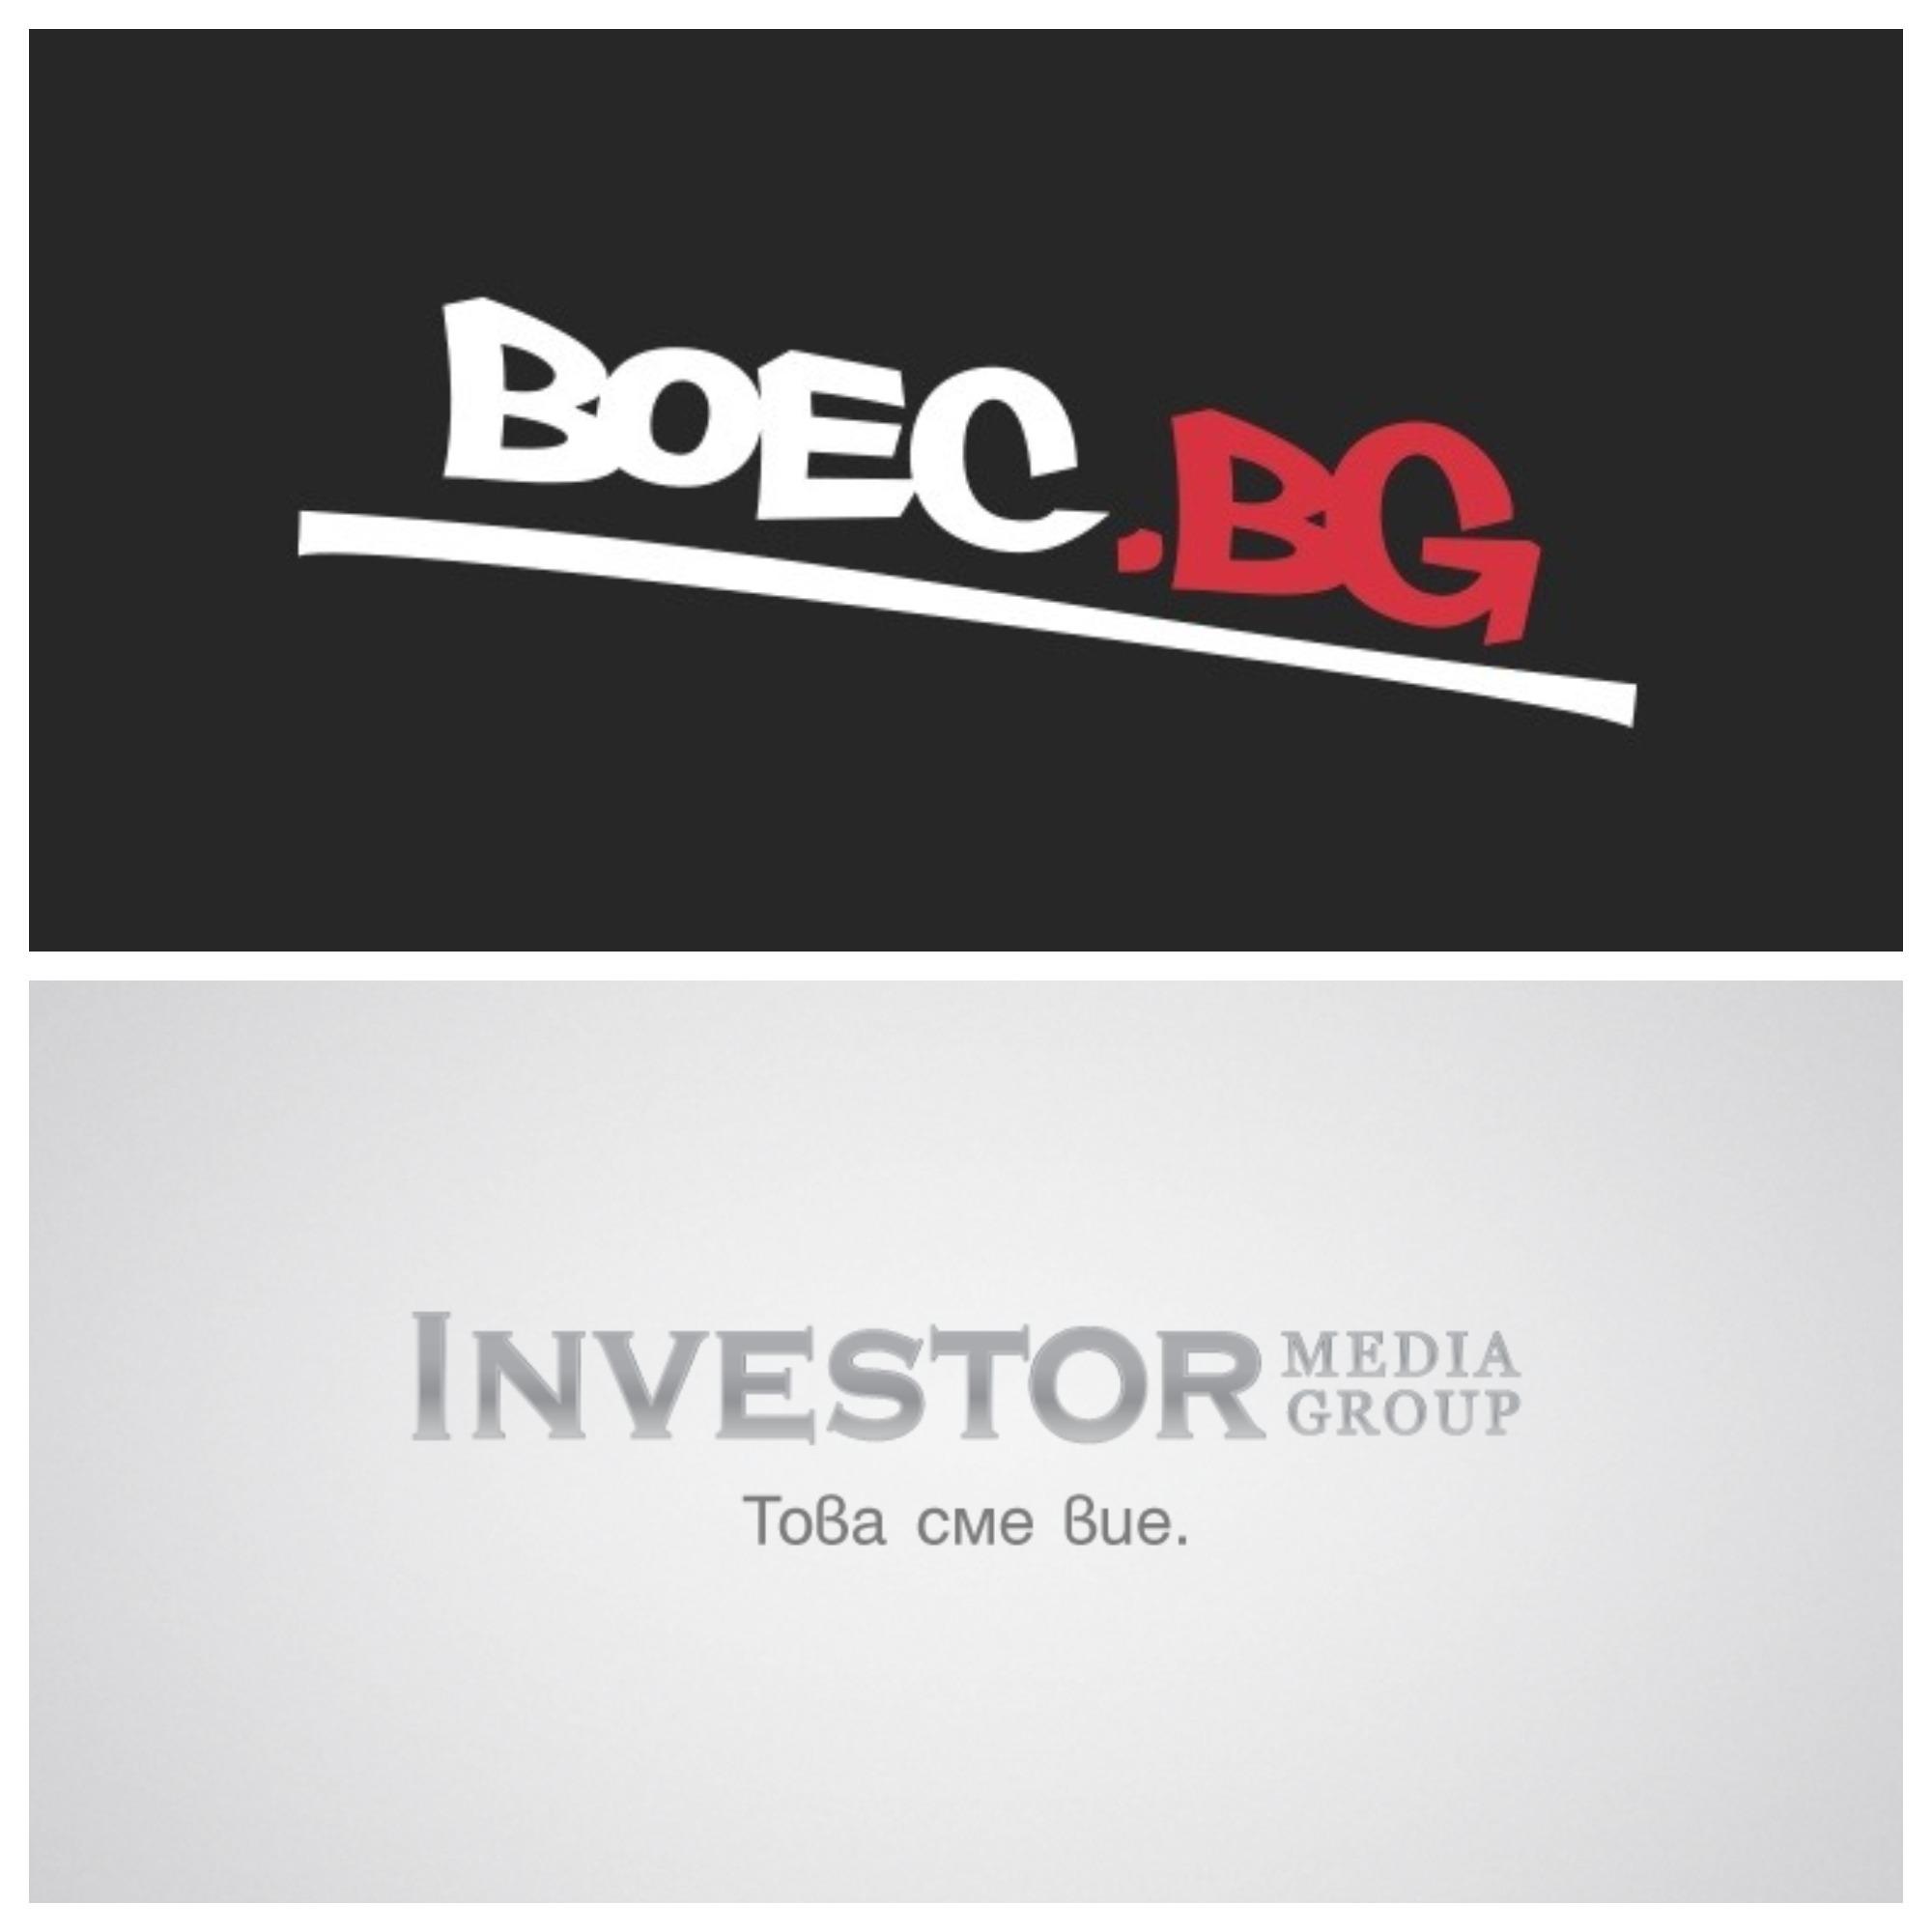 Boec.BG вече е част от Investor Media Group